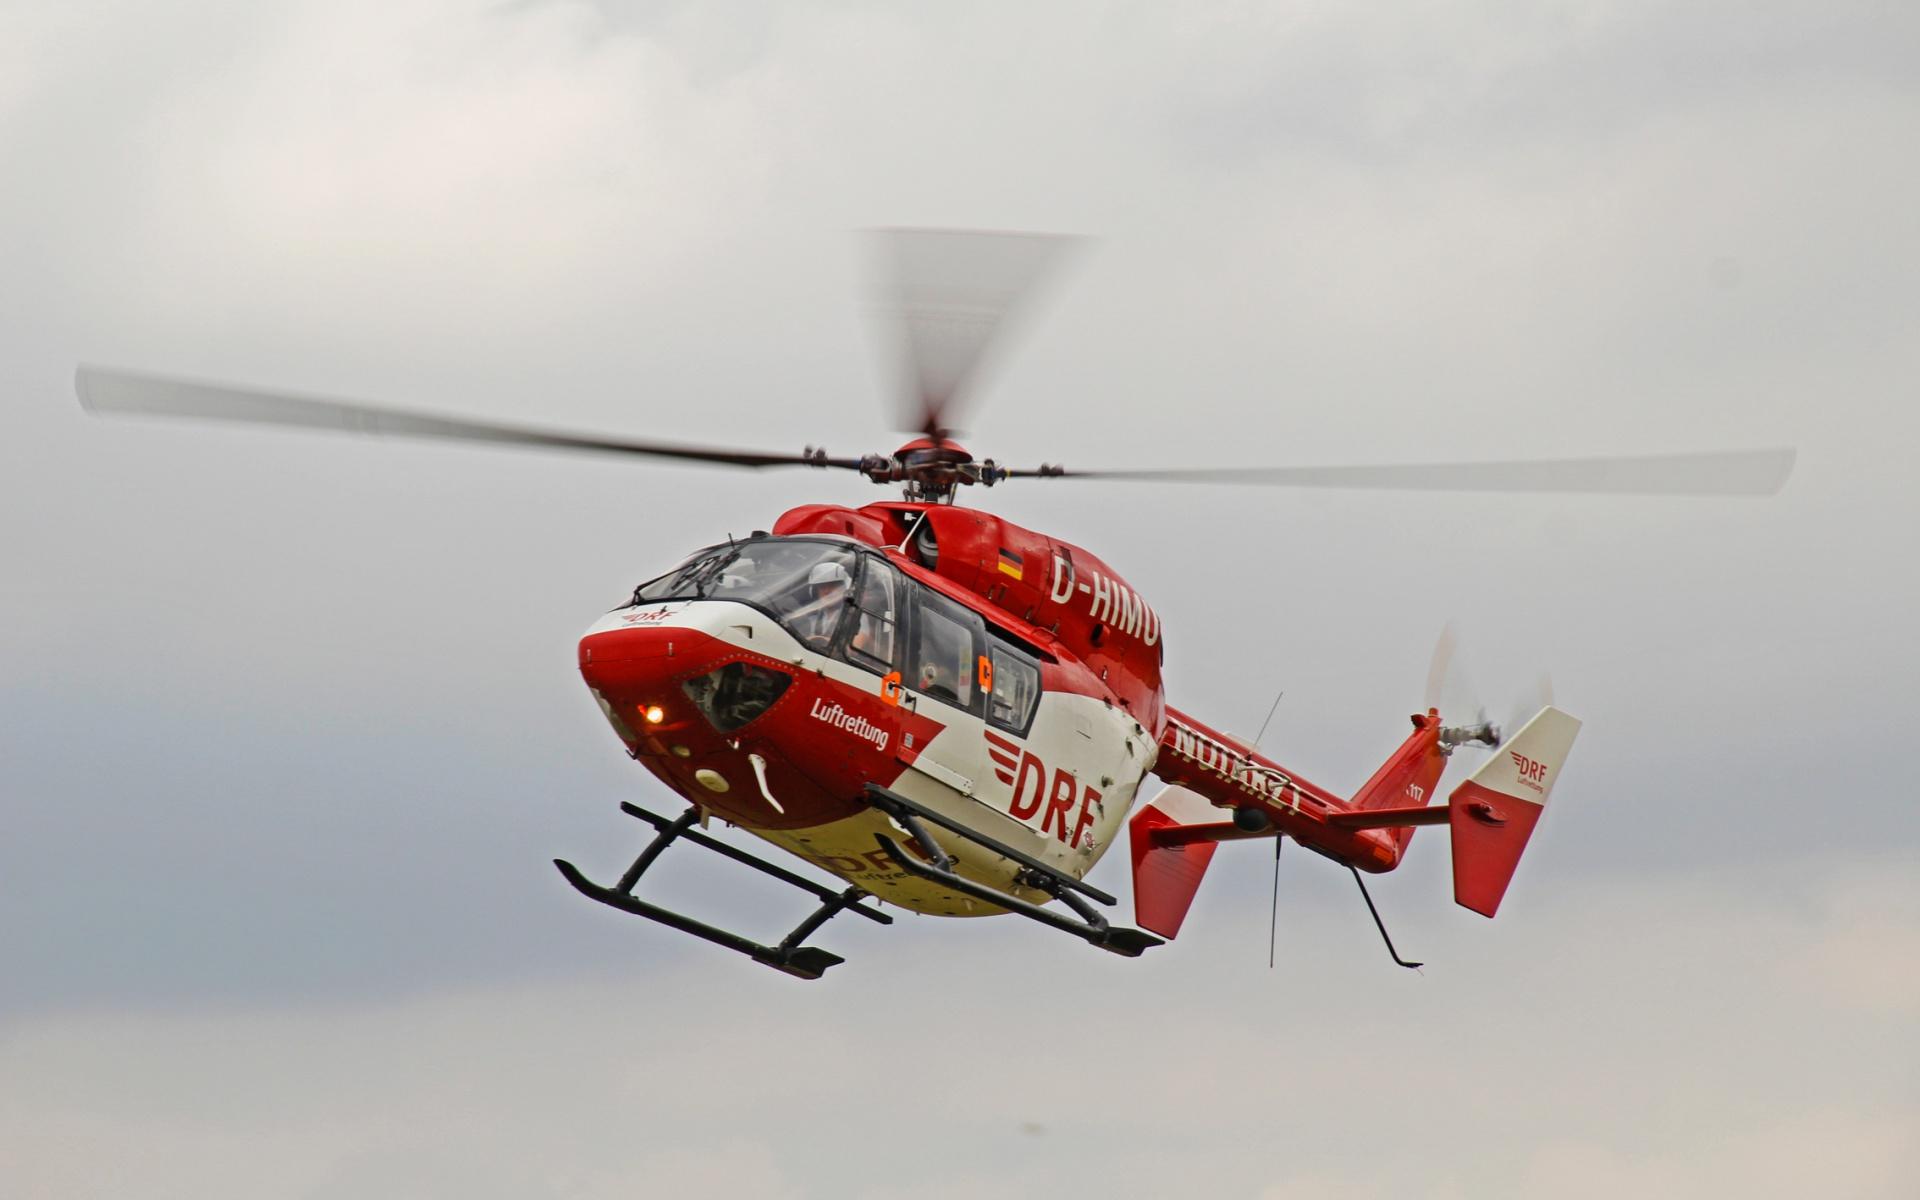 Einen nicht alltäglichen Landeplatz steuerte der Pilot von Christoph Halle bei einem Einsatz kurz vor Weihnachten an. In einem Braunkohletagebau hatte ein Mann einen Herzinfarkt erlitten und musste schnellstmöglich notärztlich versorgt werden. Symbolbild.